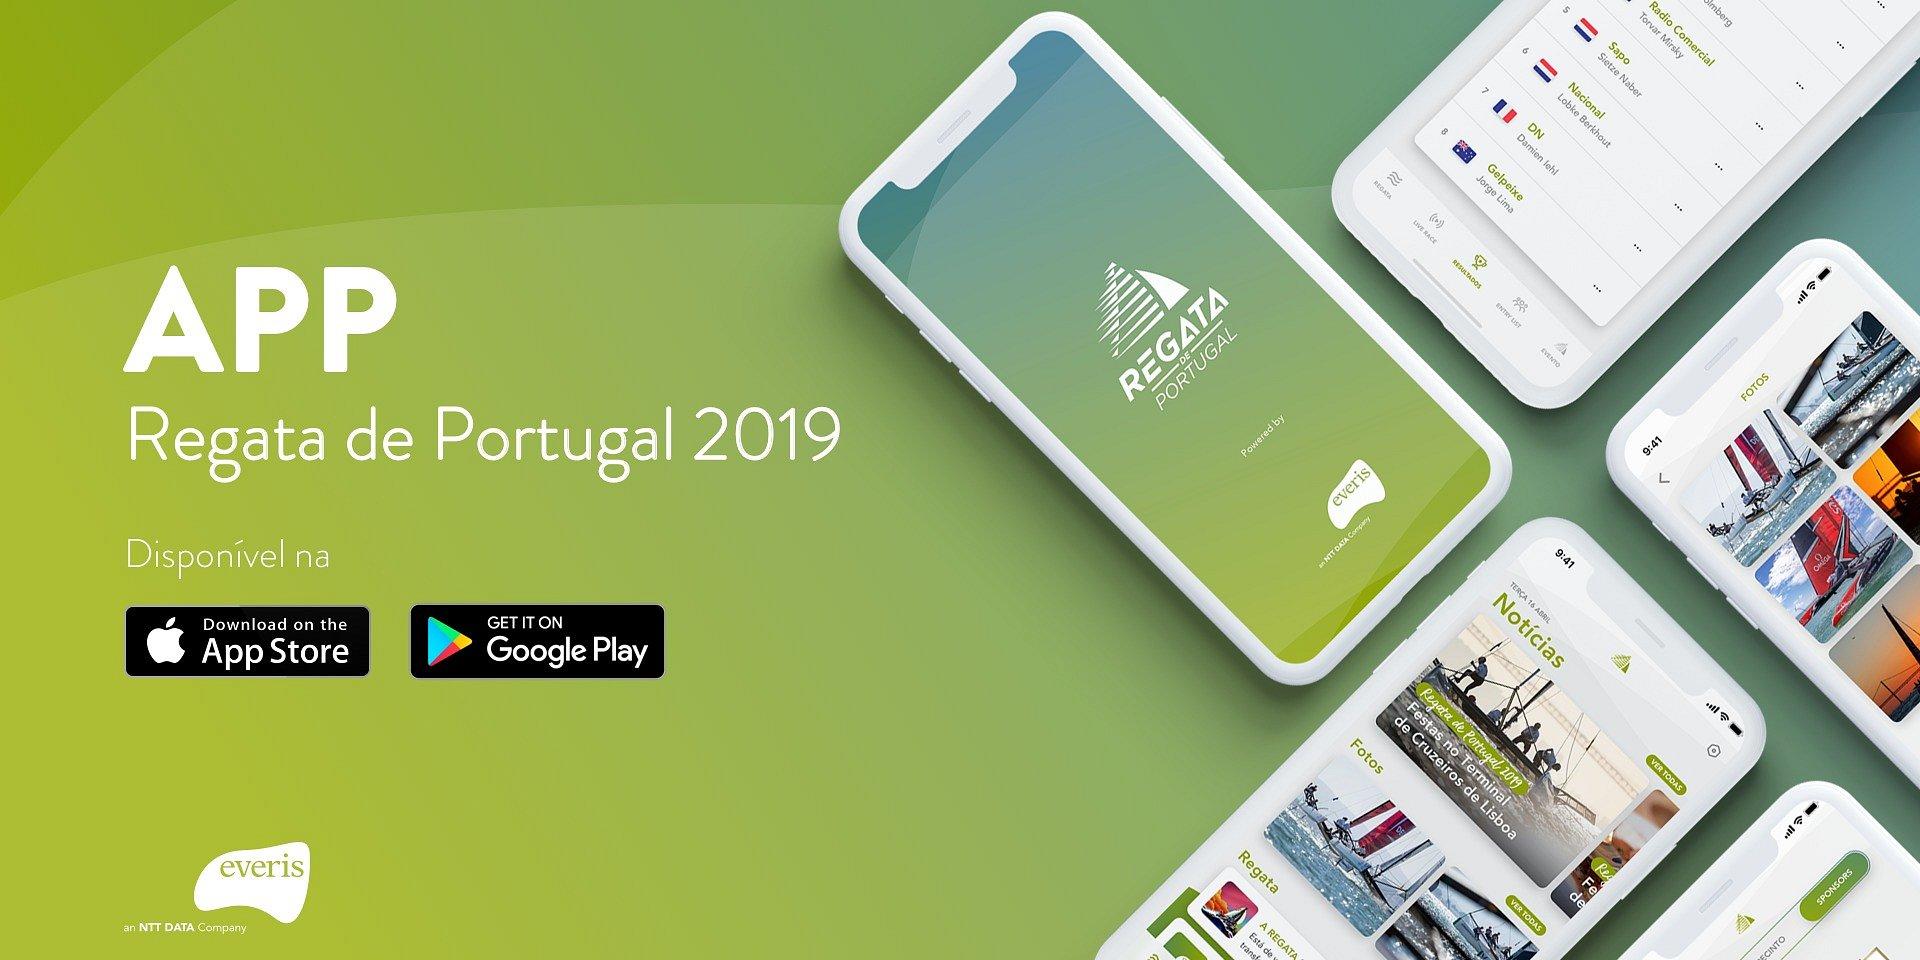 everis coloca Regata de Portugal no telemóvel